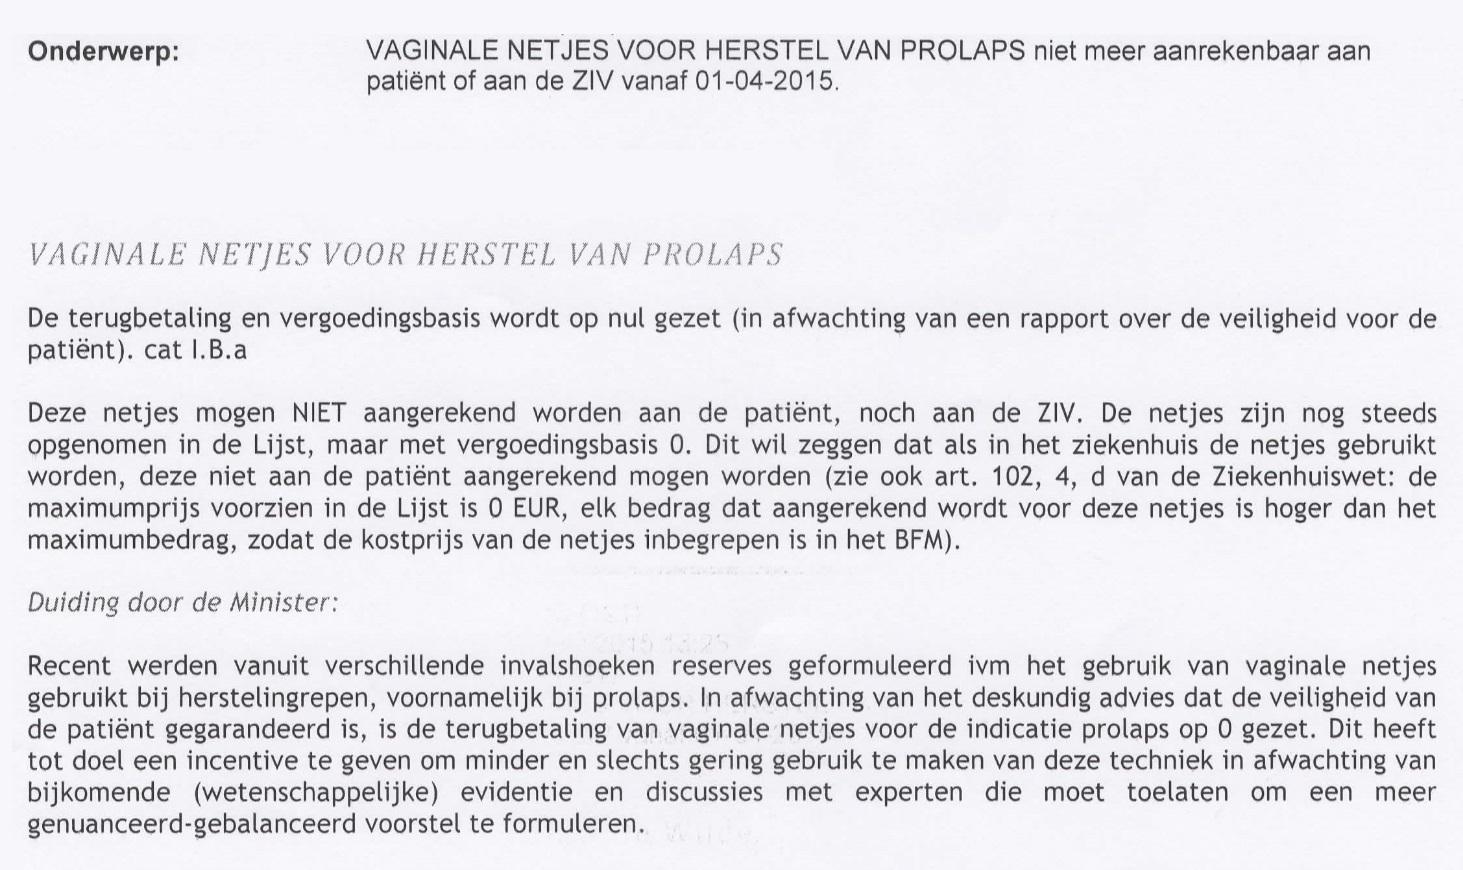 Vaginale netjes in België niet meer vergoed